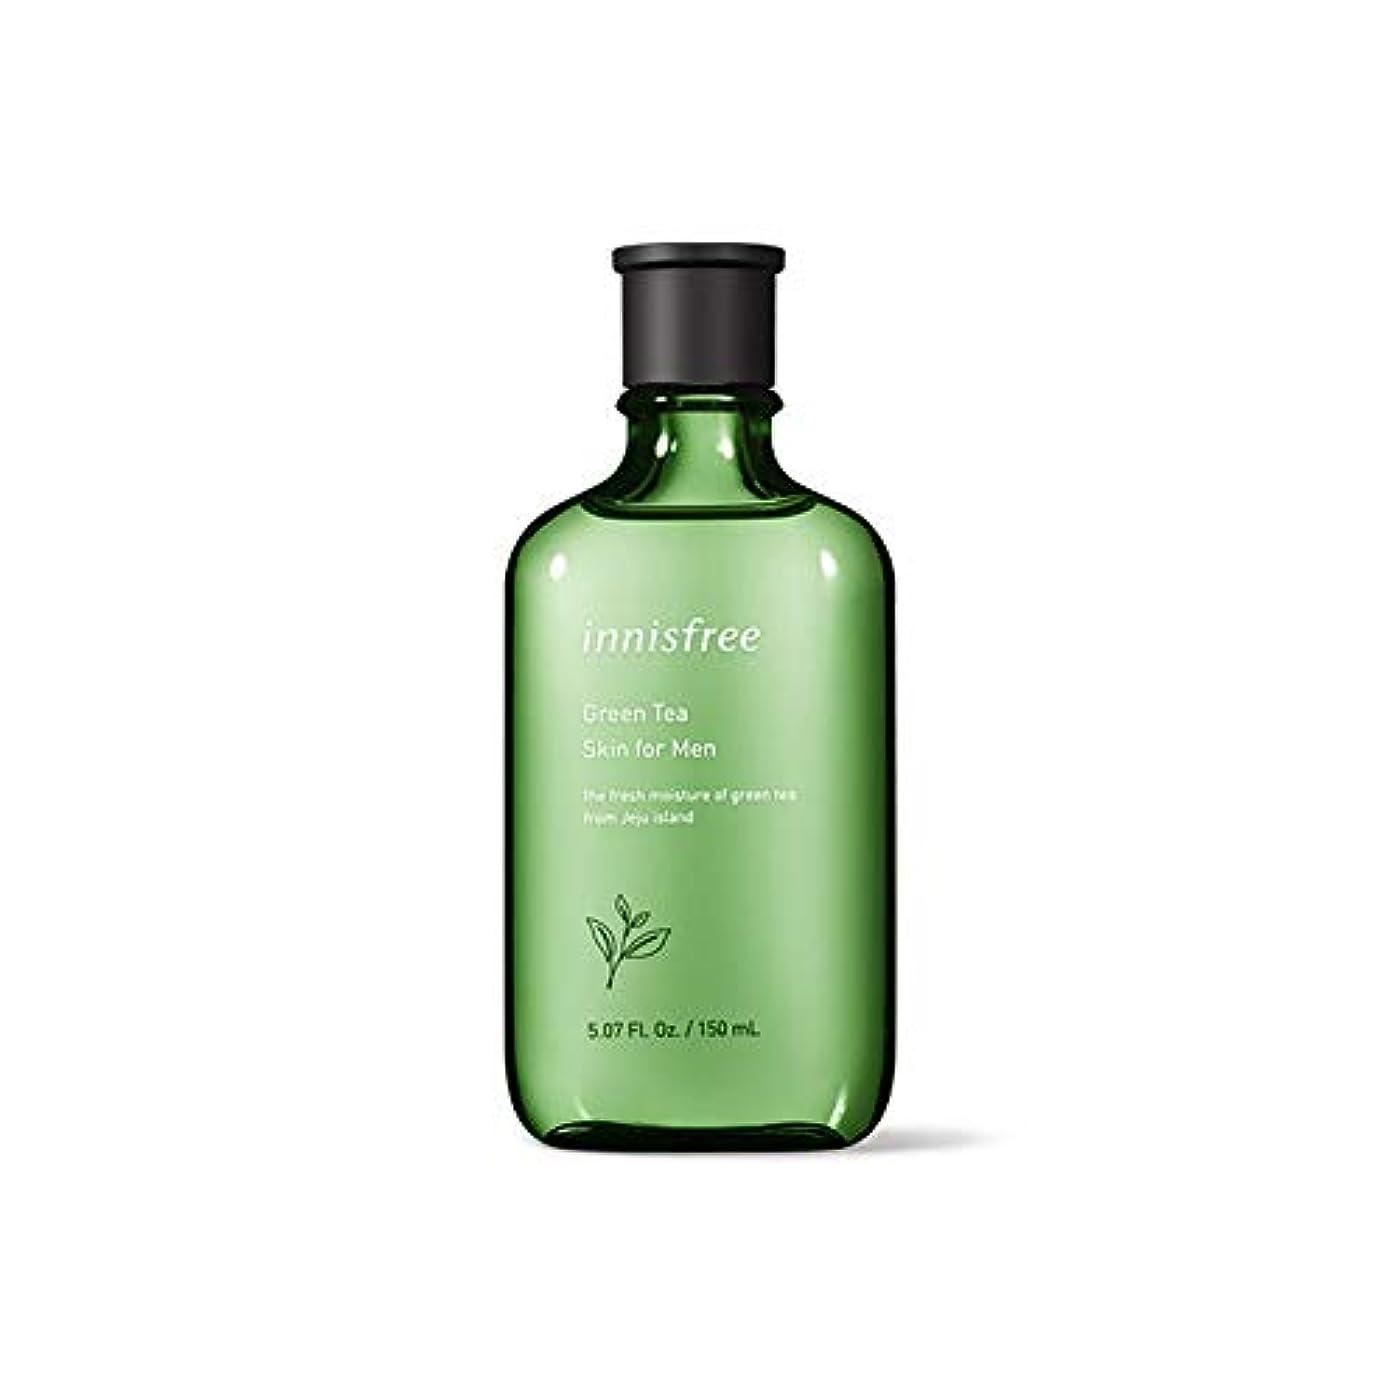 細いシンプトン事業イニスフリー Innisfree グリーンティースキンフォーメン(150ml) Innisfree Green Tea Skin For Men(150ml) [海外直送品]